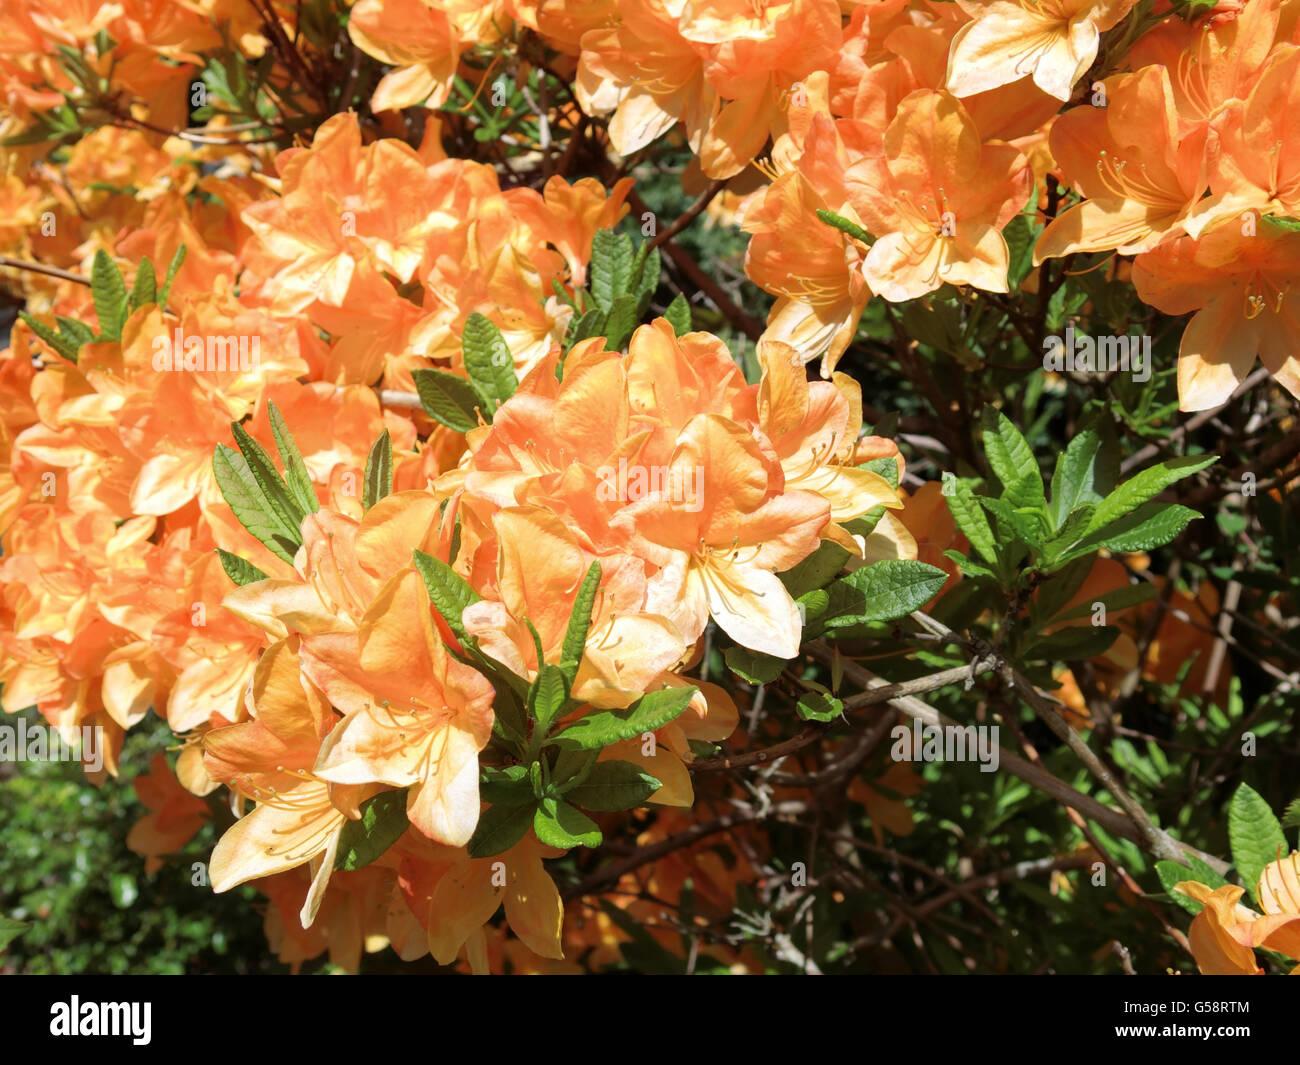 Deciduous Azalea Golden Lights In Flower   Stock Image